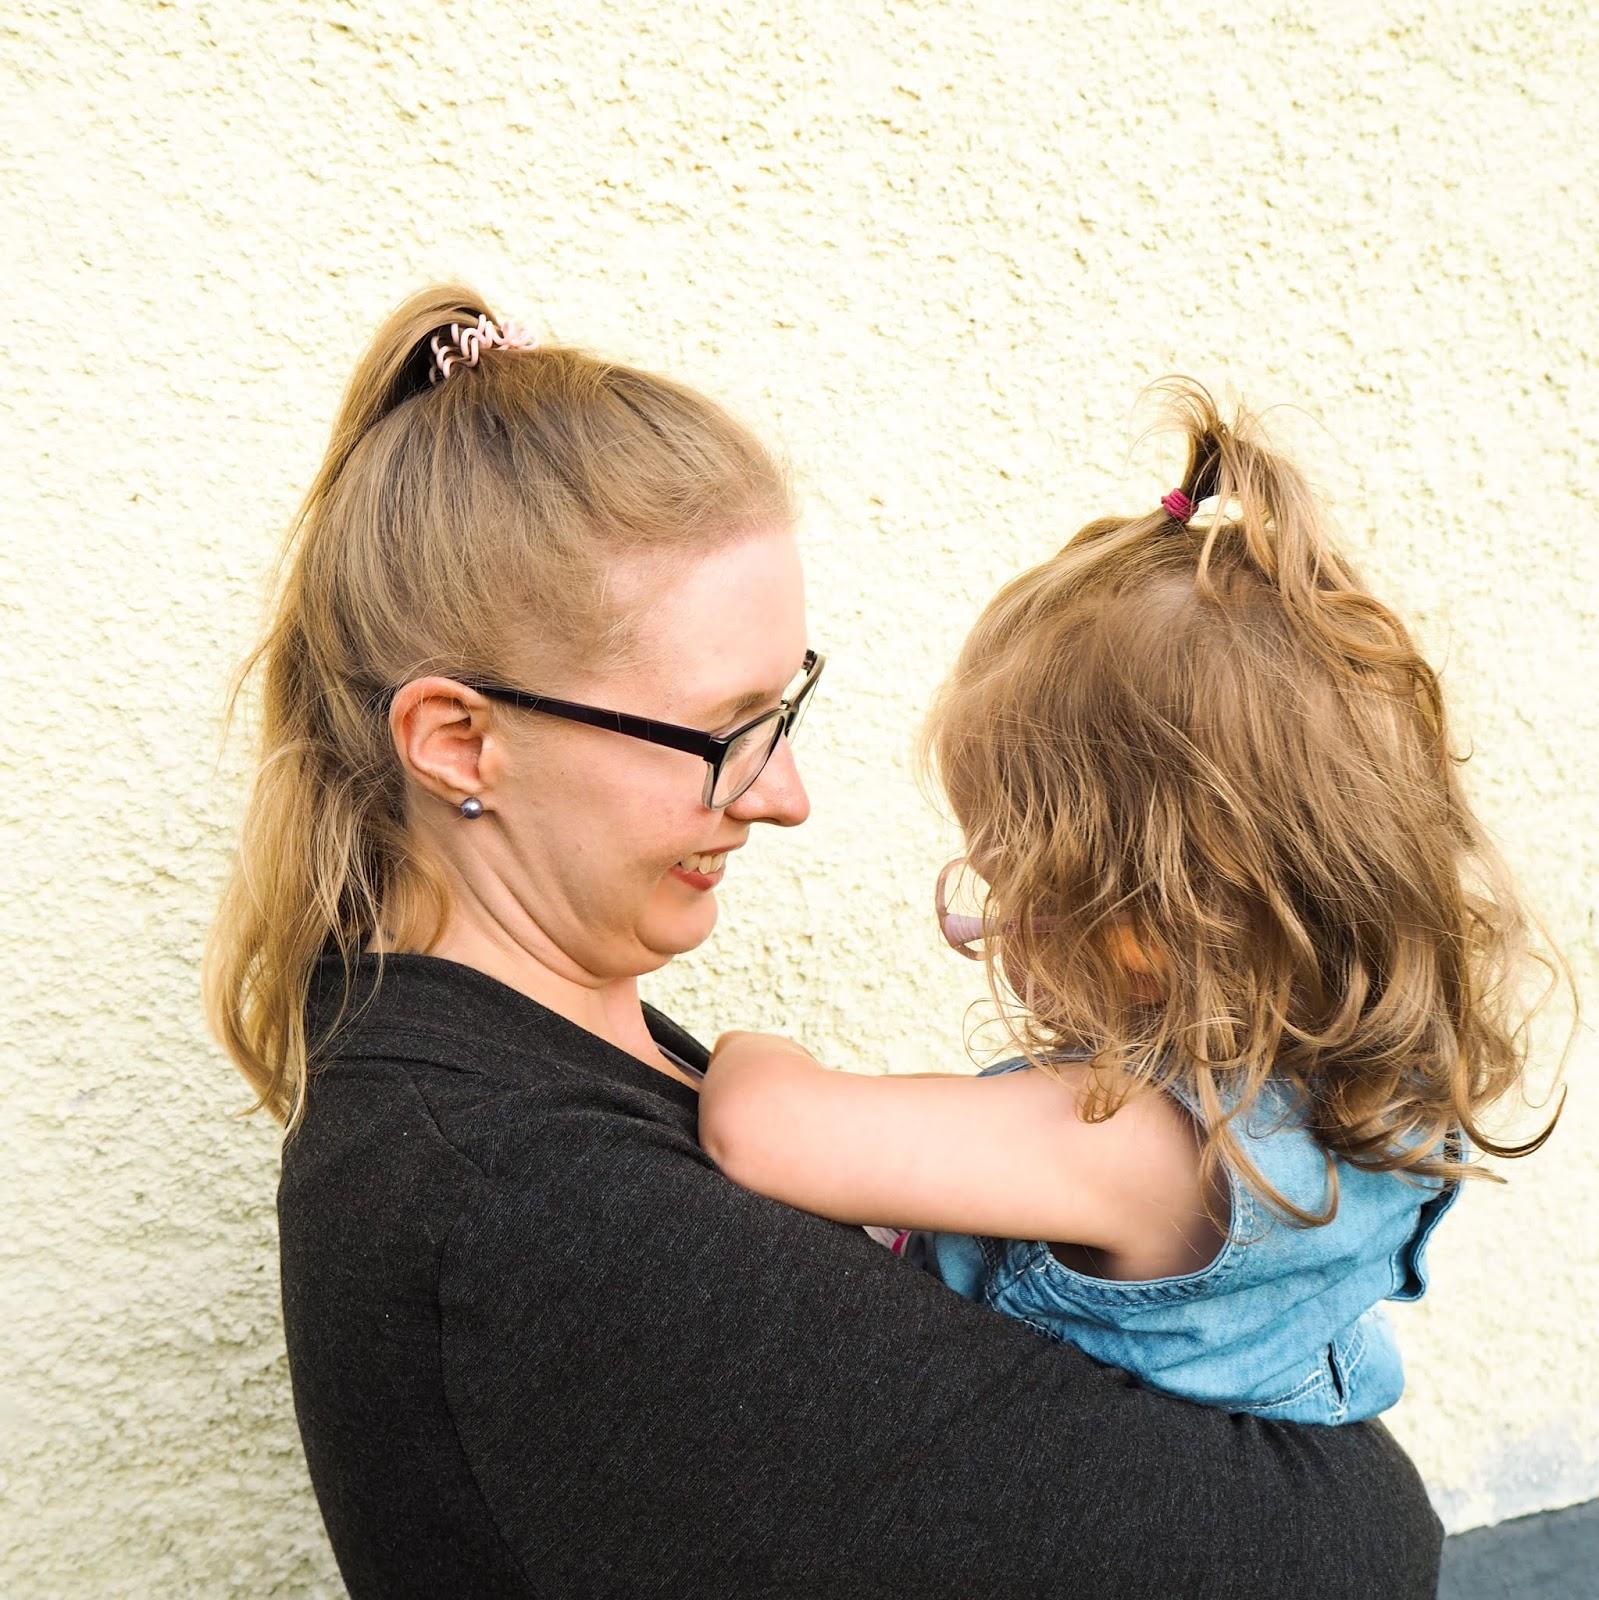 Saippuakuplia olohuoneessa blogi, Kuva Mikko Poikkilehto, lapsi, kaksivuotias, Perhe, Taapero, lapsen kehitys, Hanna Poikkilehto,